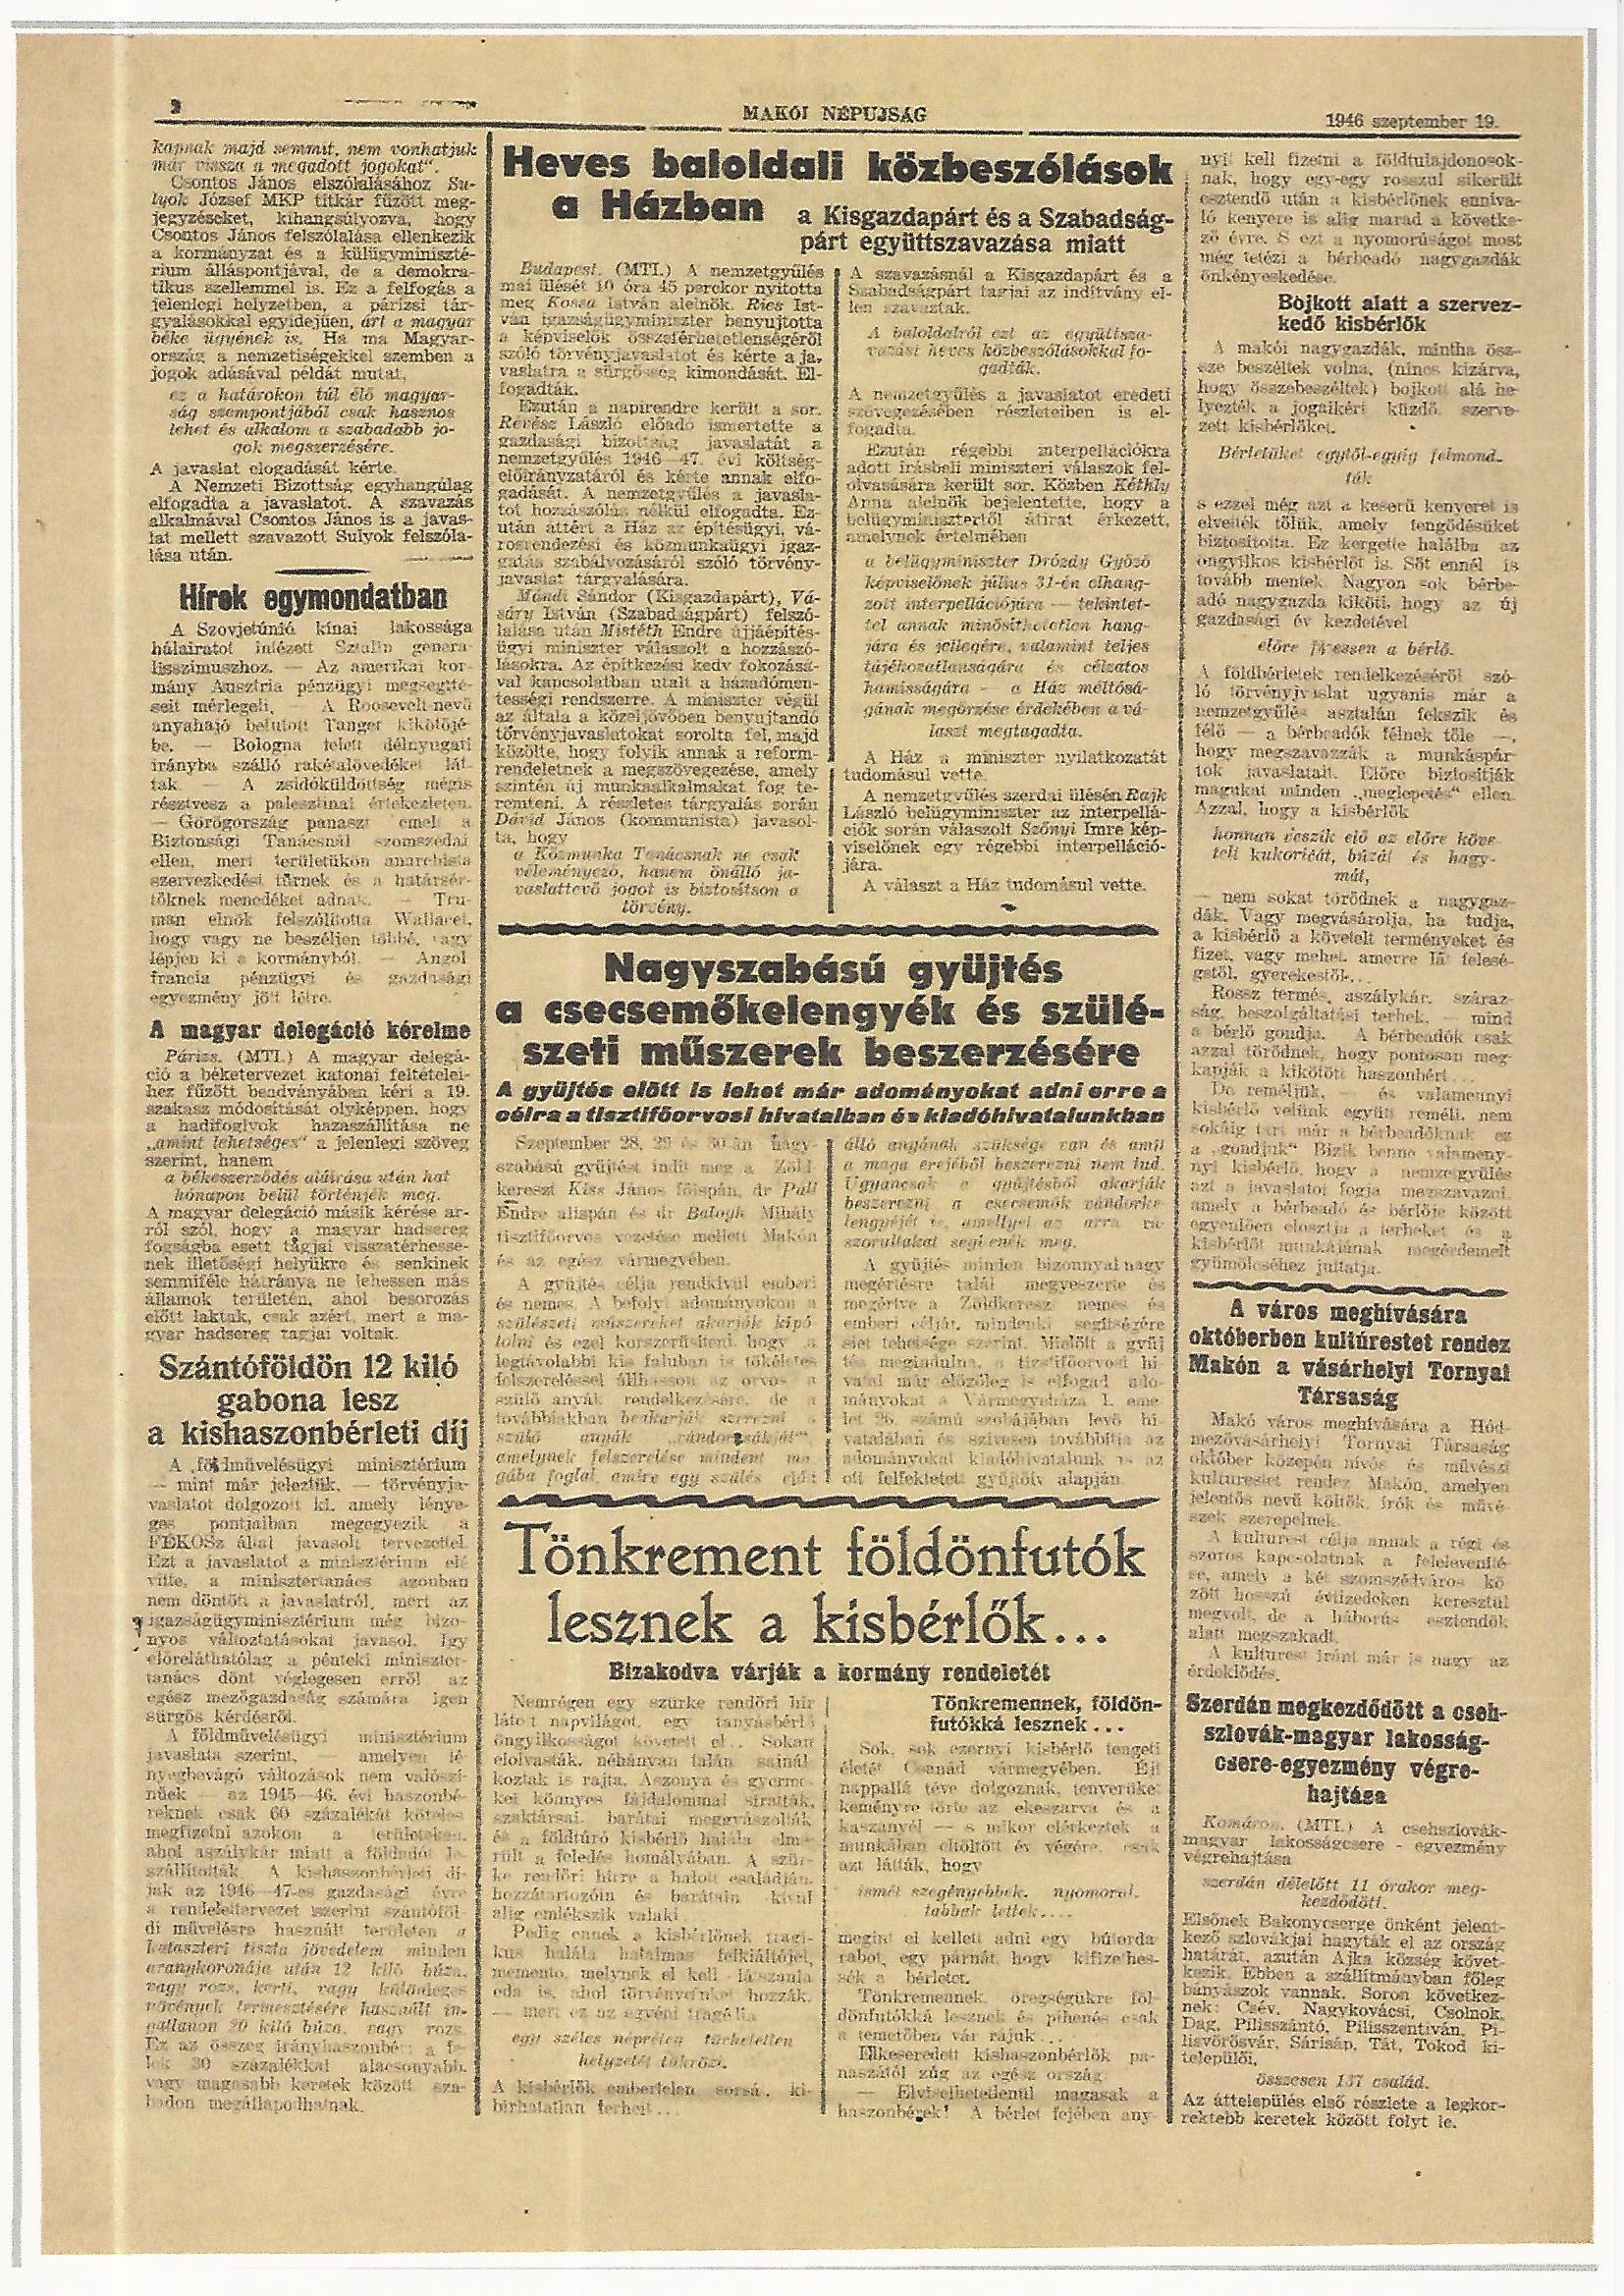 Szerdán megkezdődött a csehszlovák-magyar lakosságcsere-egyezmény Makói Népújság 1946. szeptember 19.